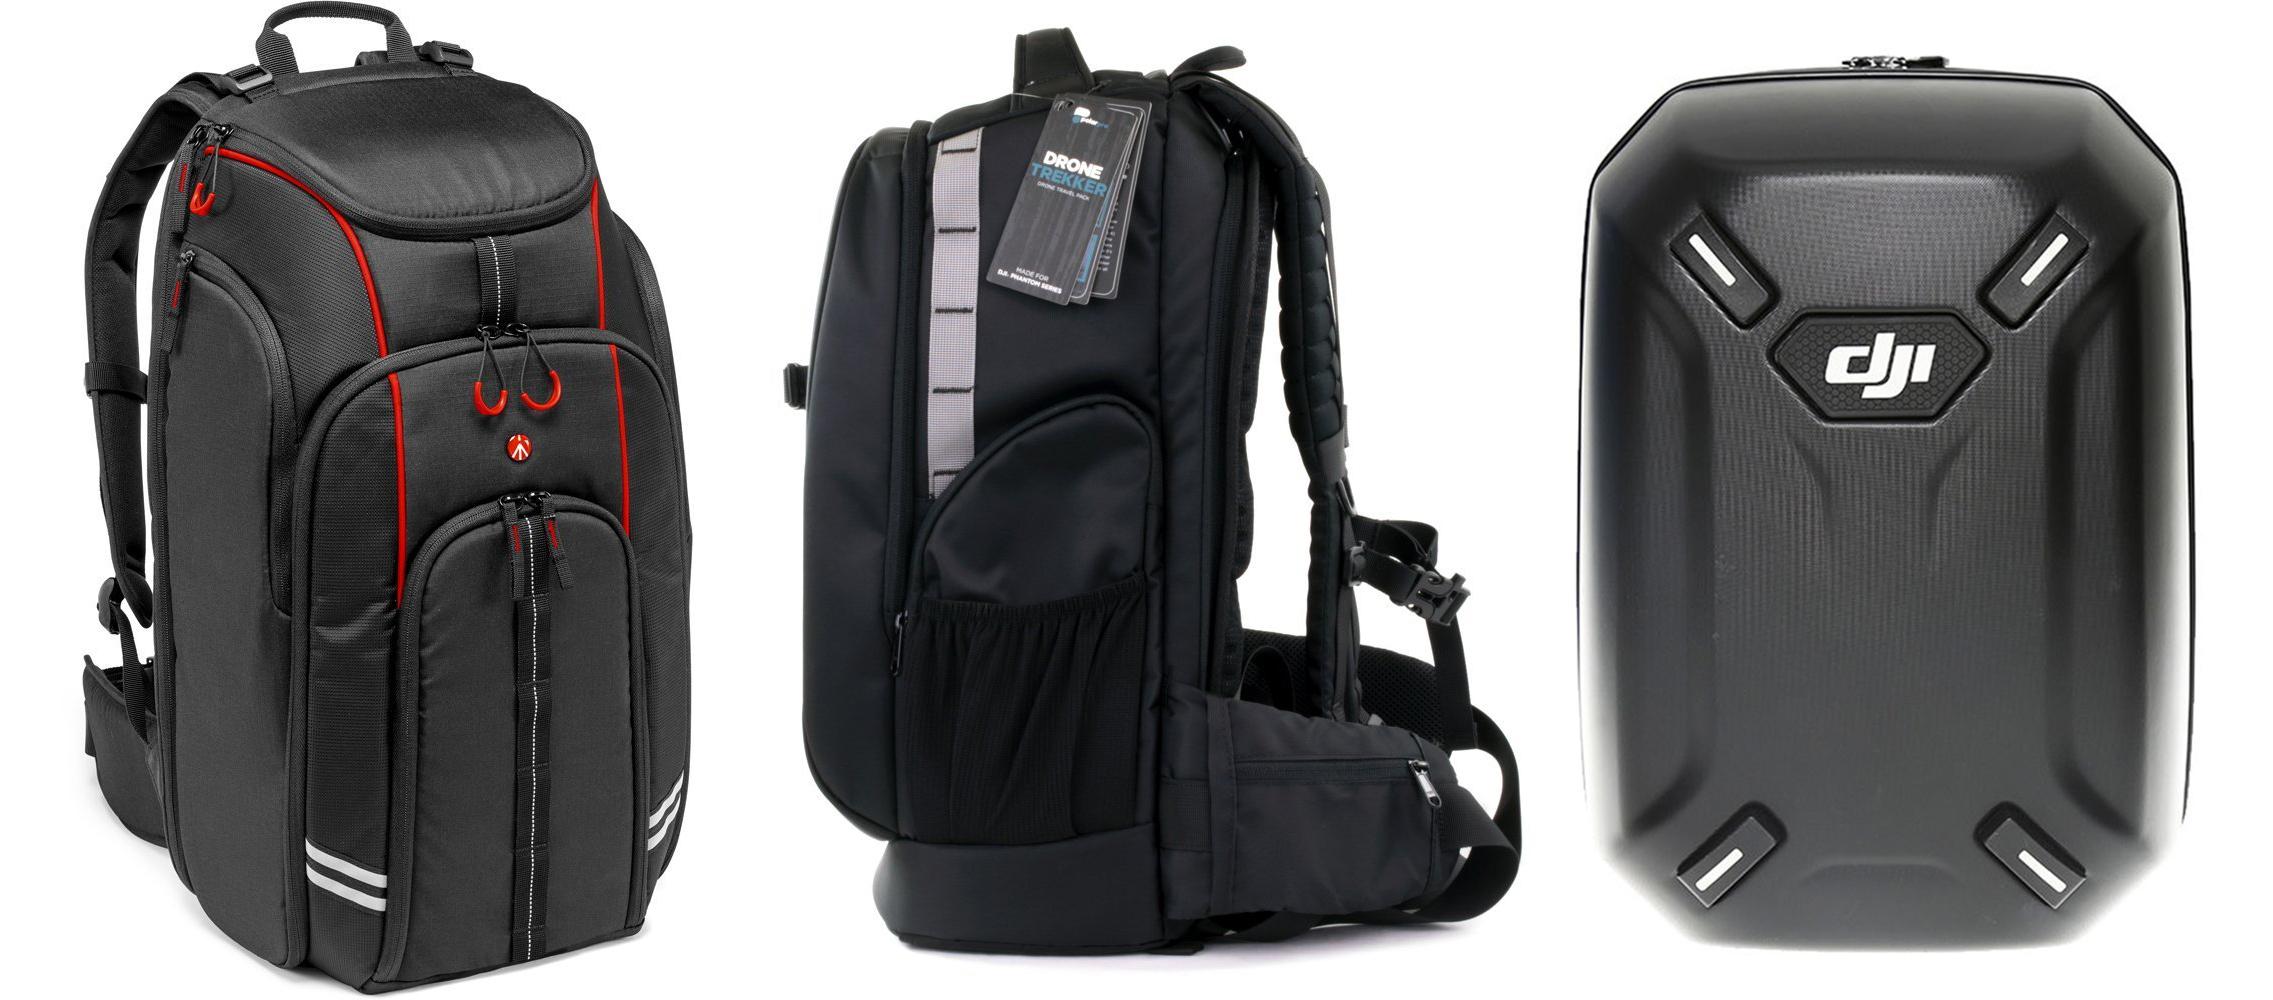 dji-backpacks